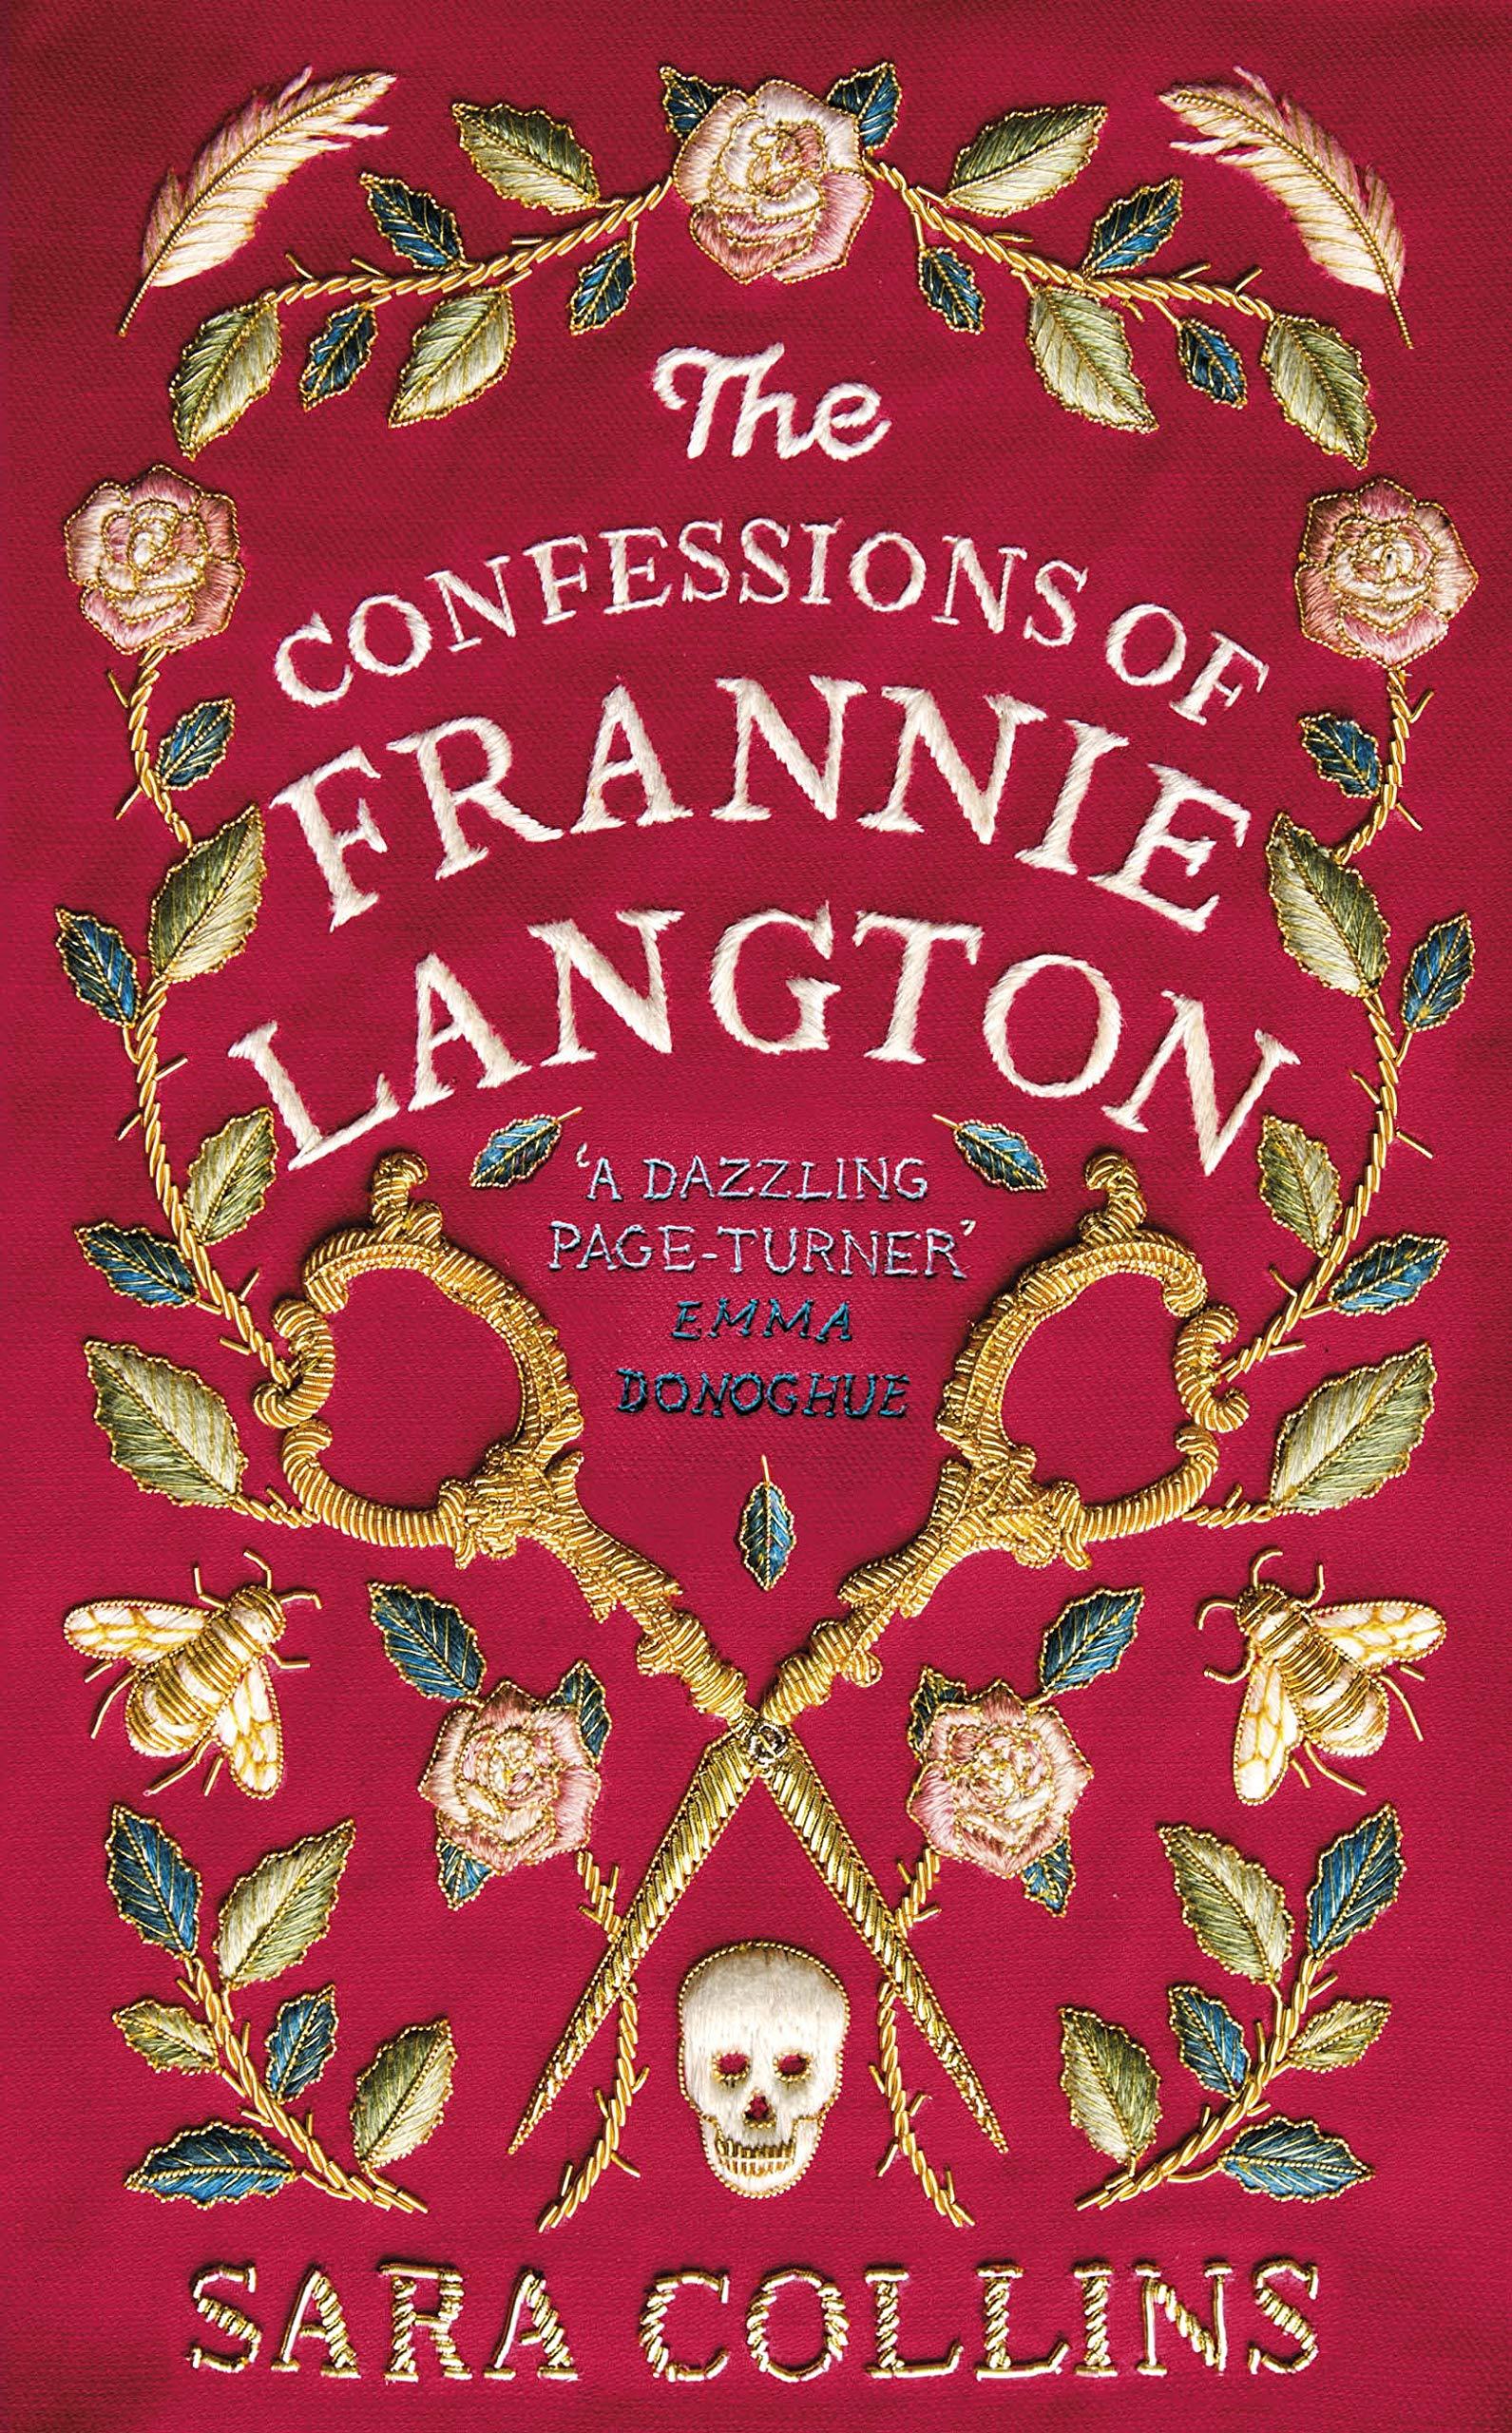 Frannie Langton